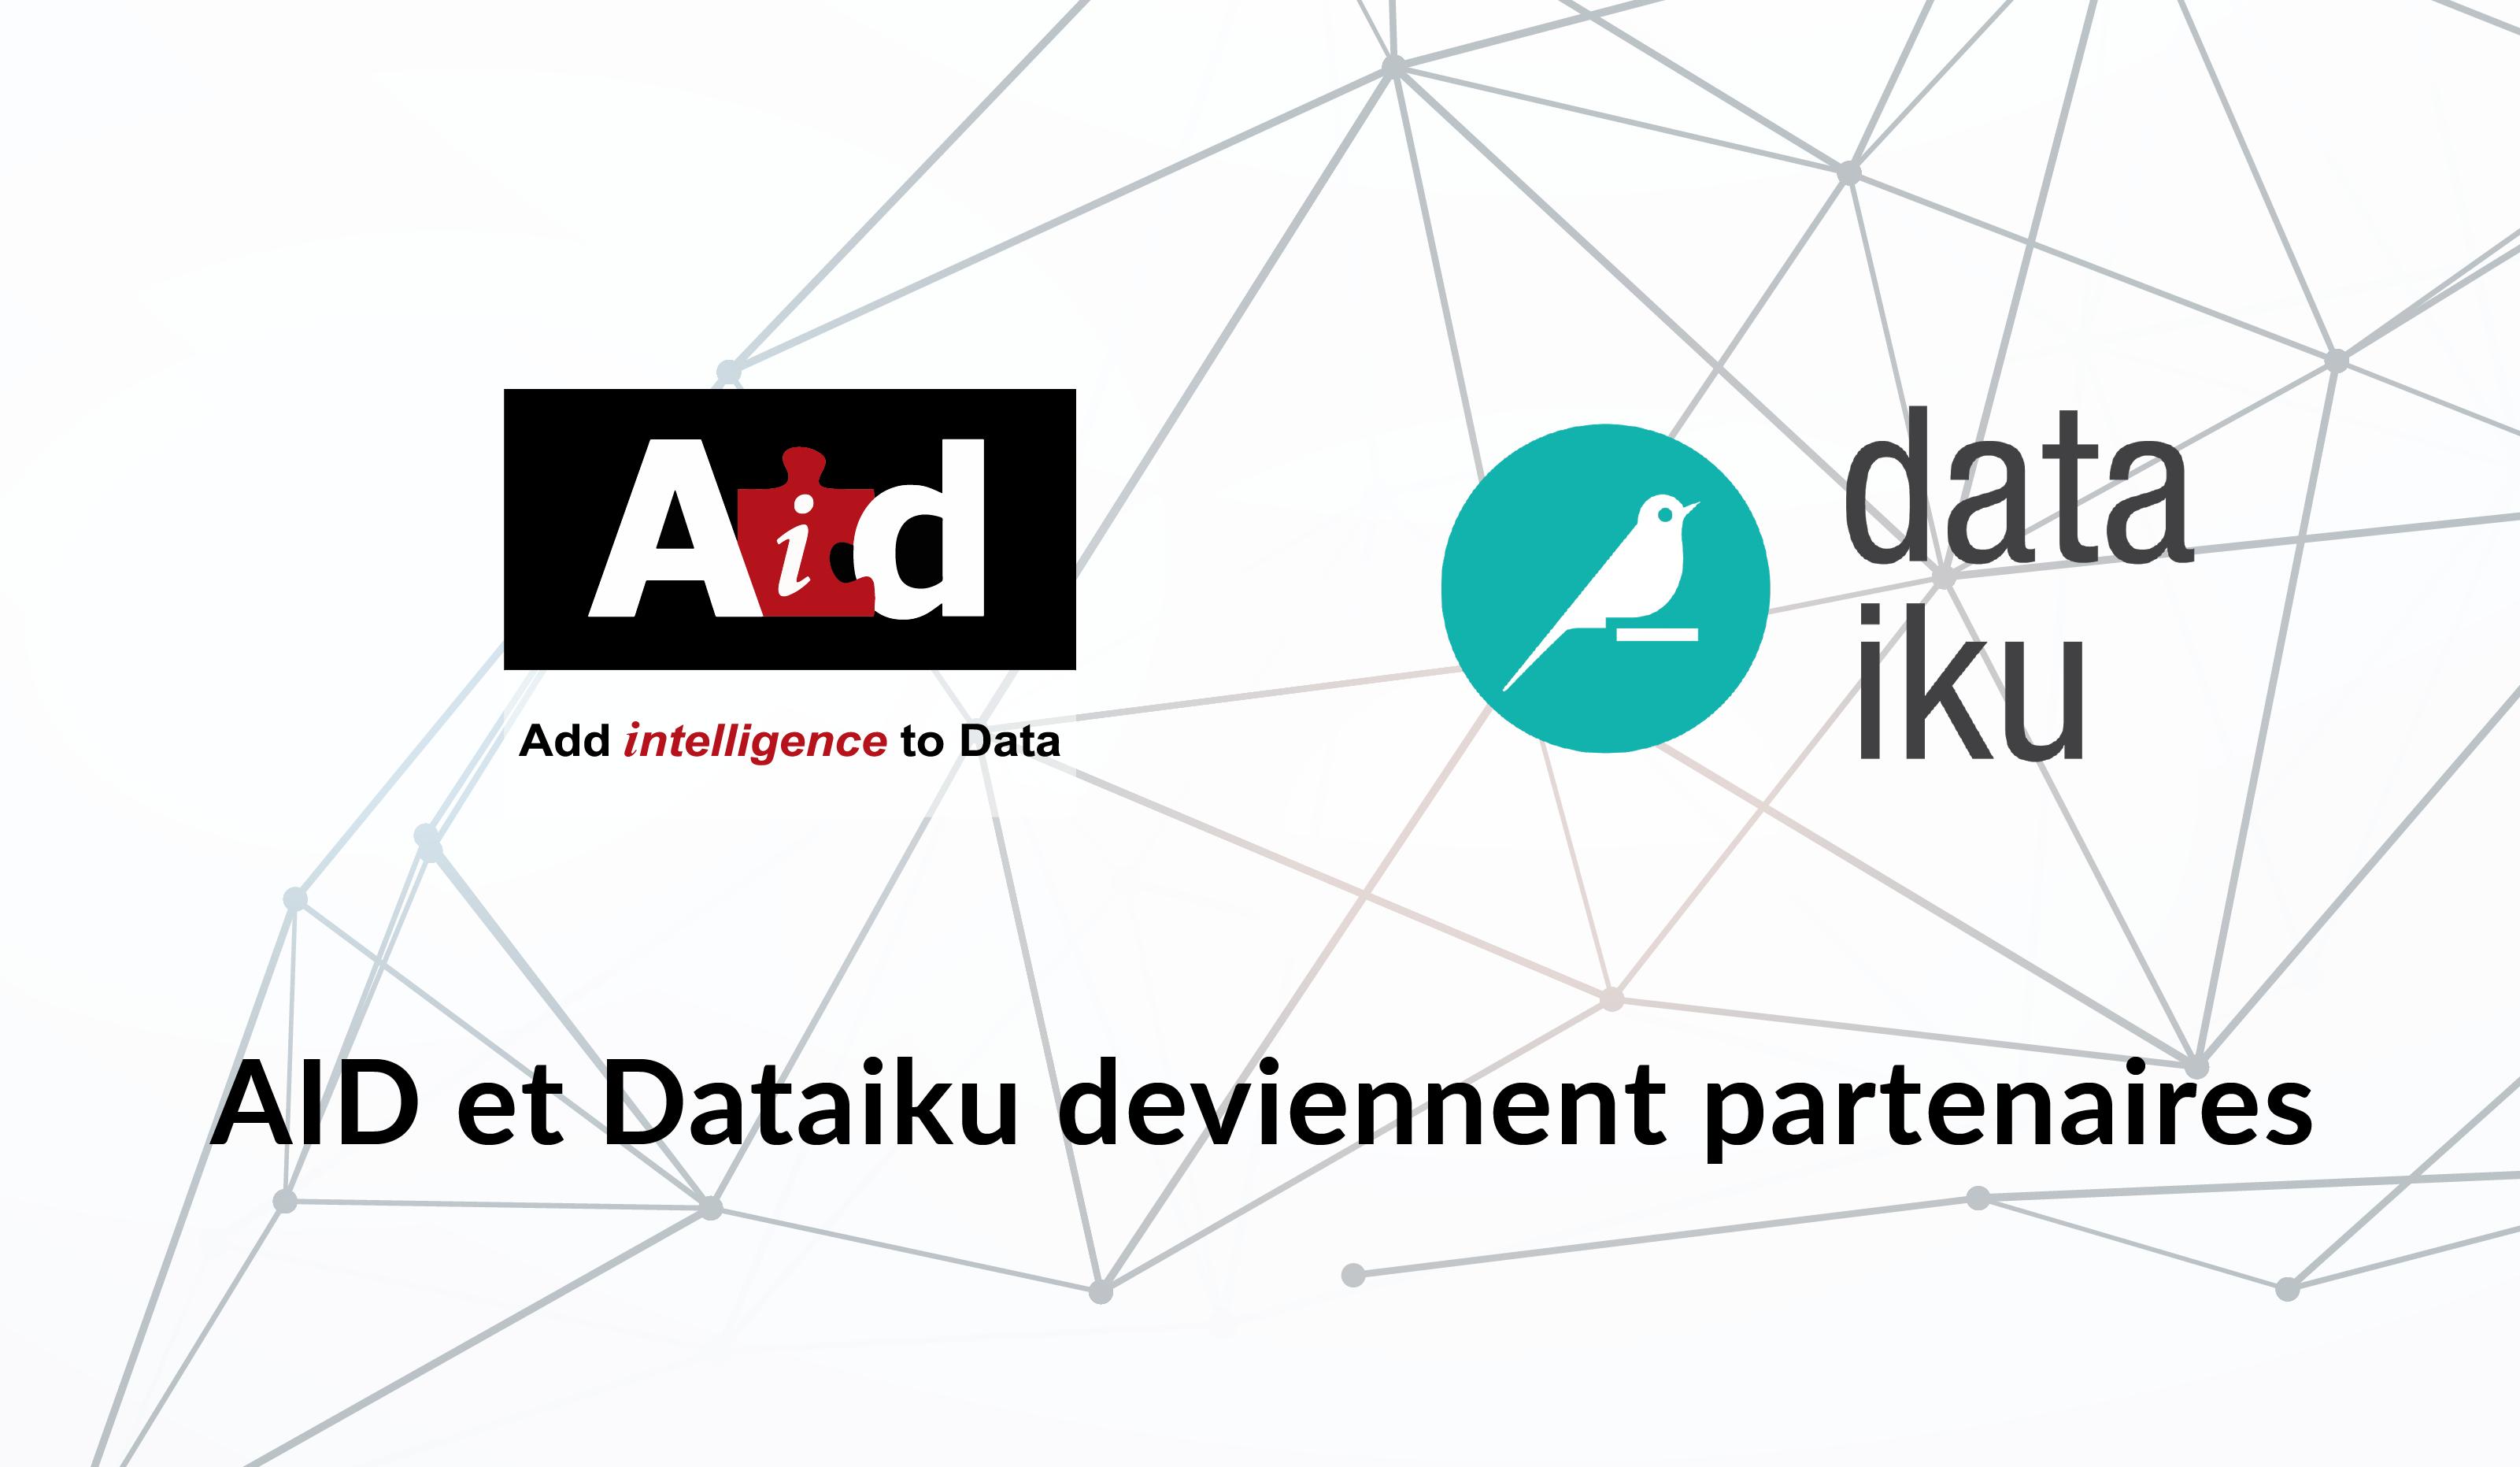 Partenariat Dataiku